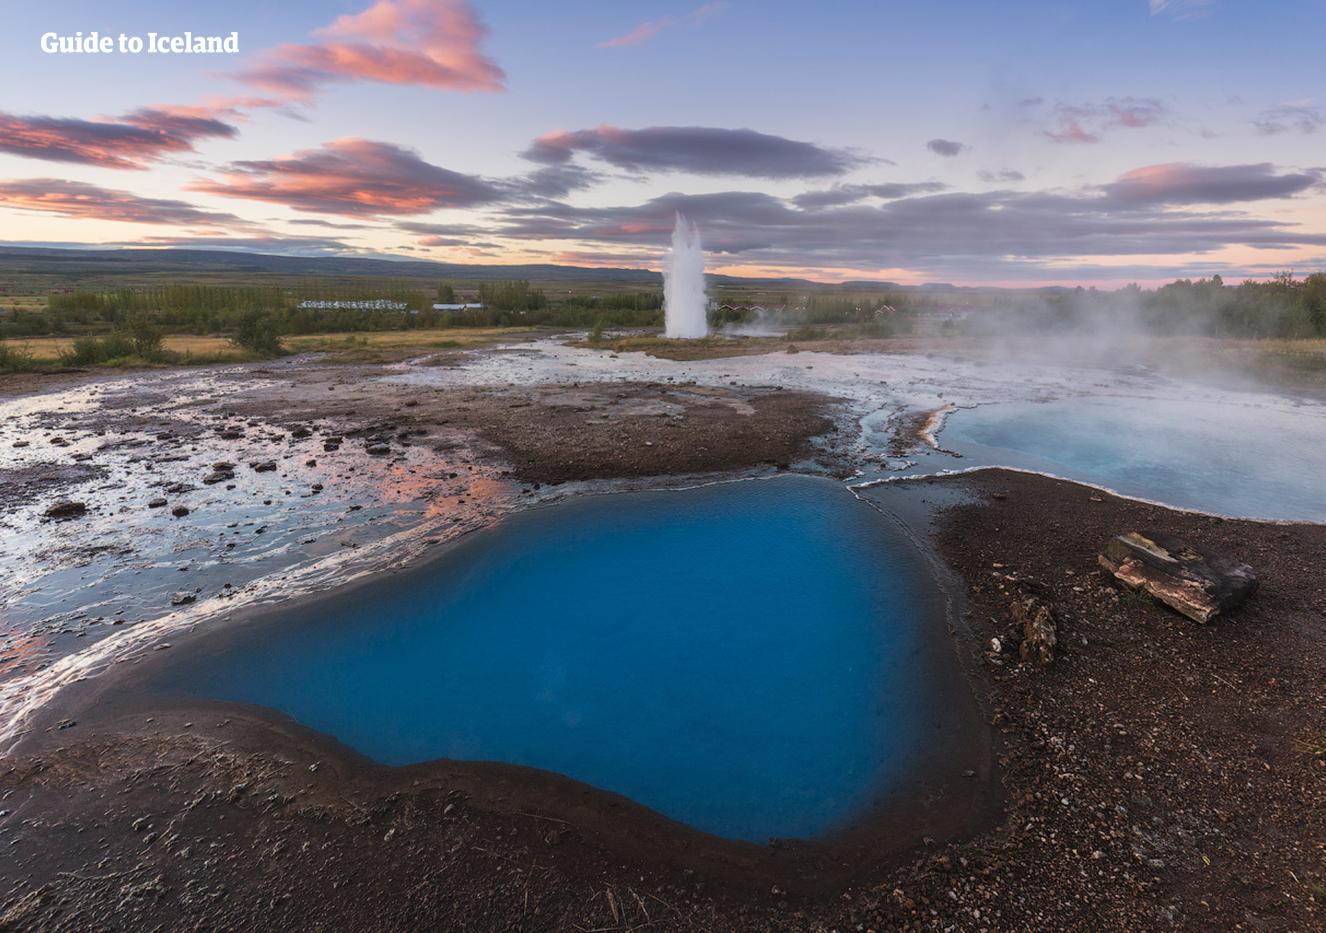 In der Geothermalregion Geysir wirst du sehen, wie Strokkur alle 5-10 Minuten ausbricht und seine großartigen Wasserspiele präsentiert.